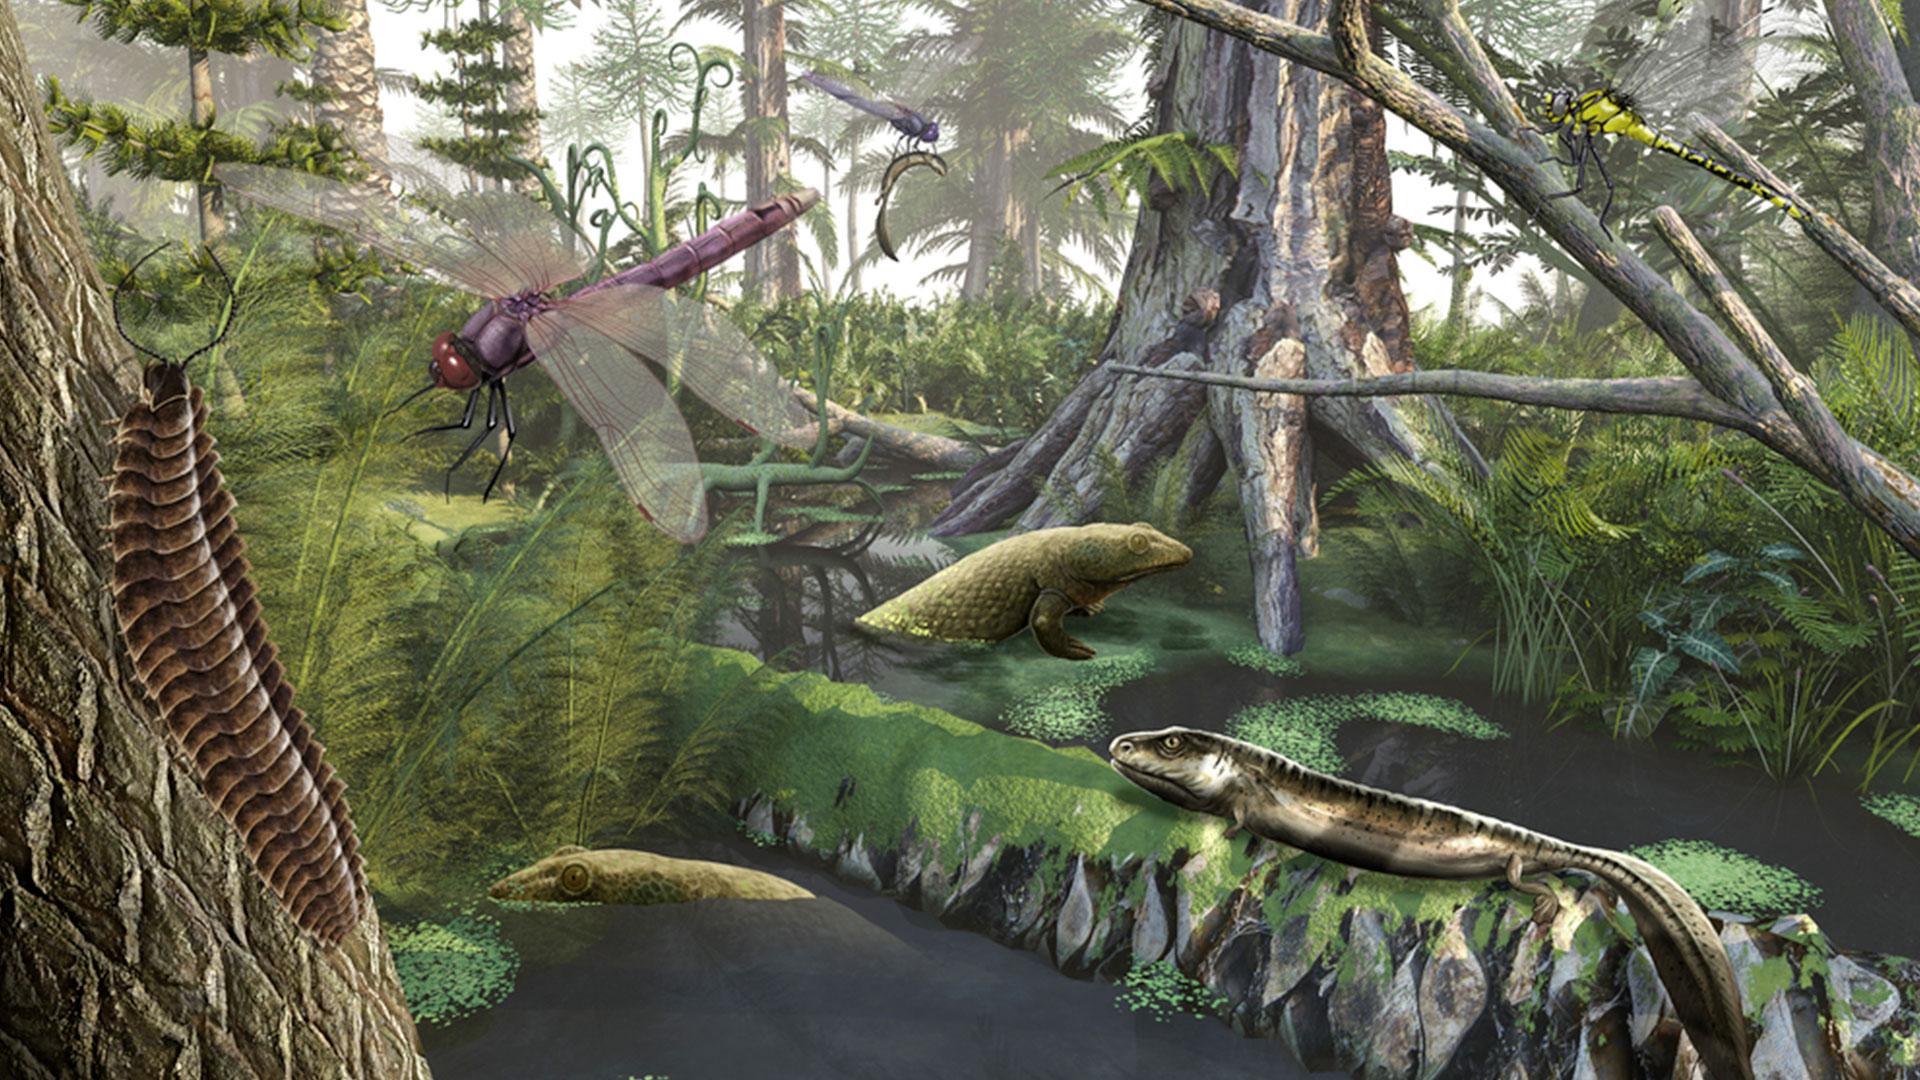 la-foret-fossile1-dinopedia-parc